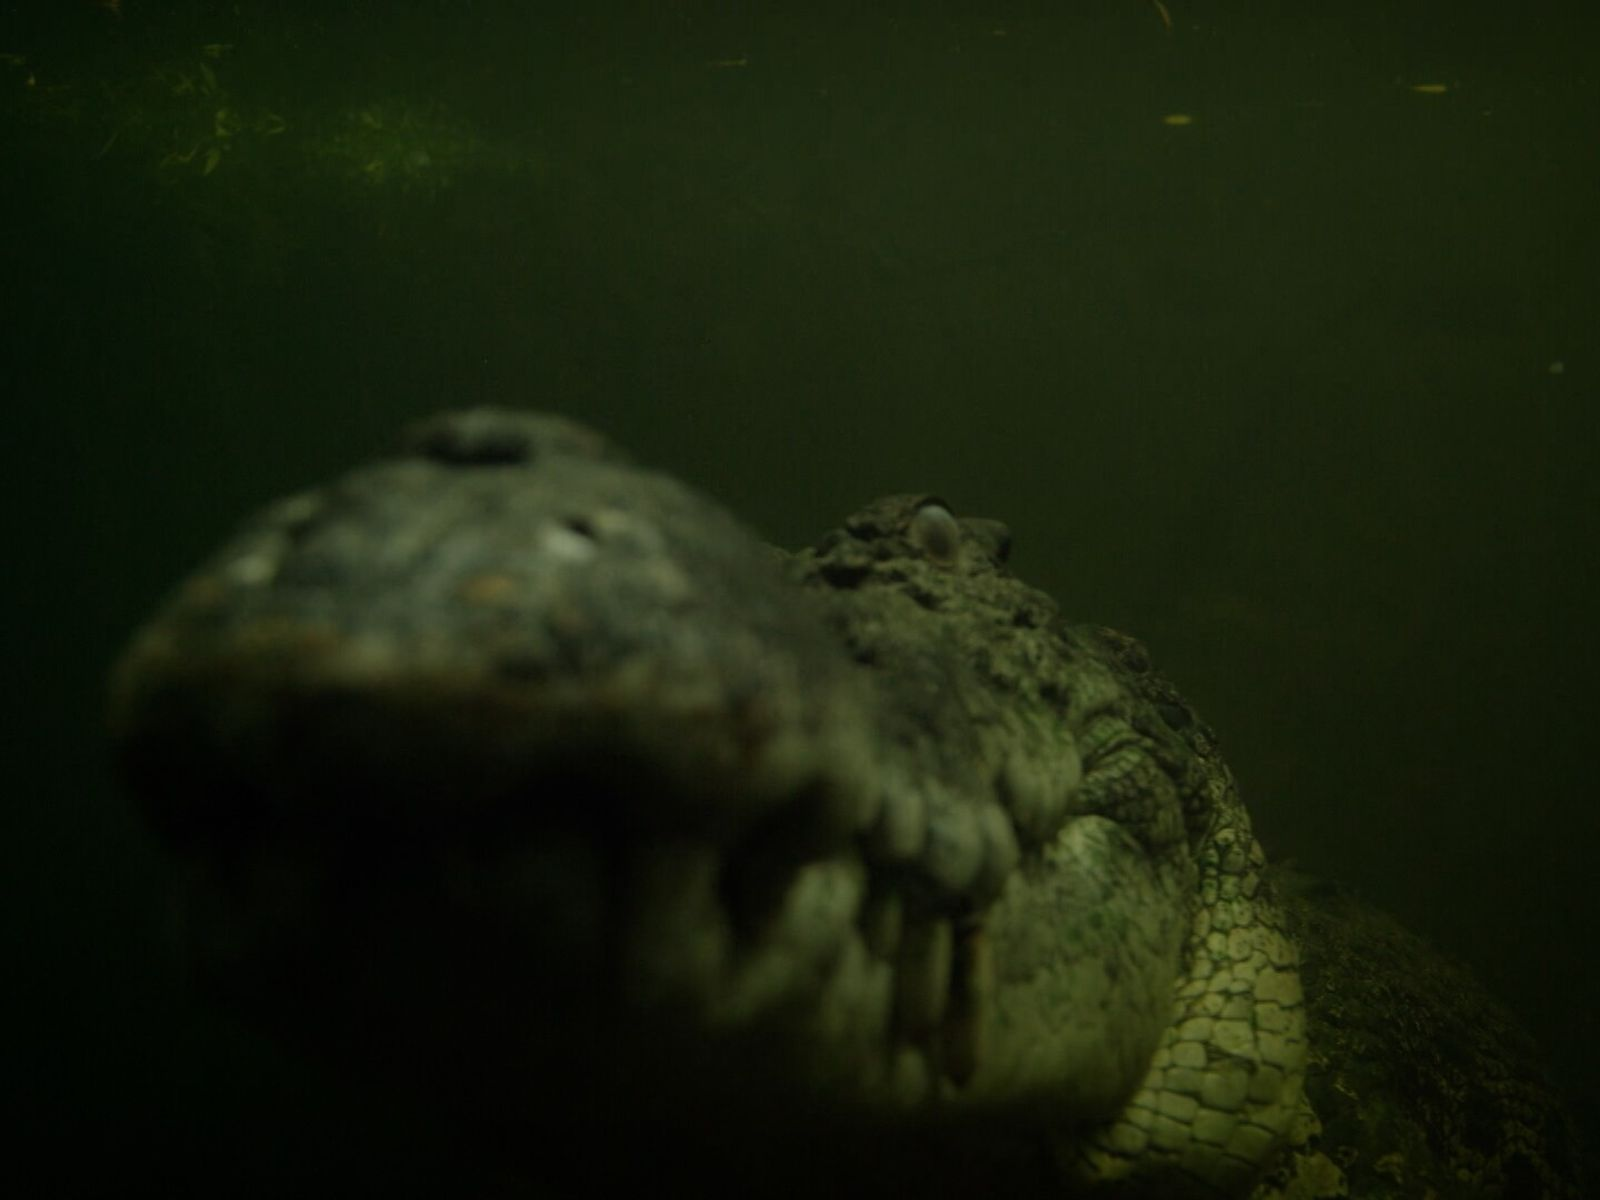 Un cocodrilo marino acecha en el agua, su víctima puede ser cualquier animal con un poco ...